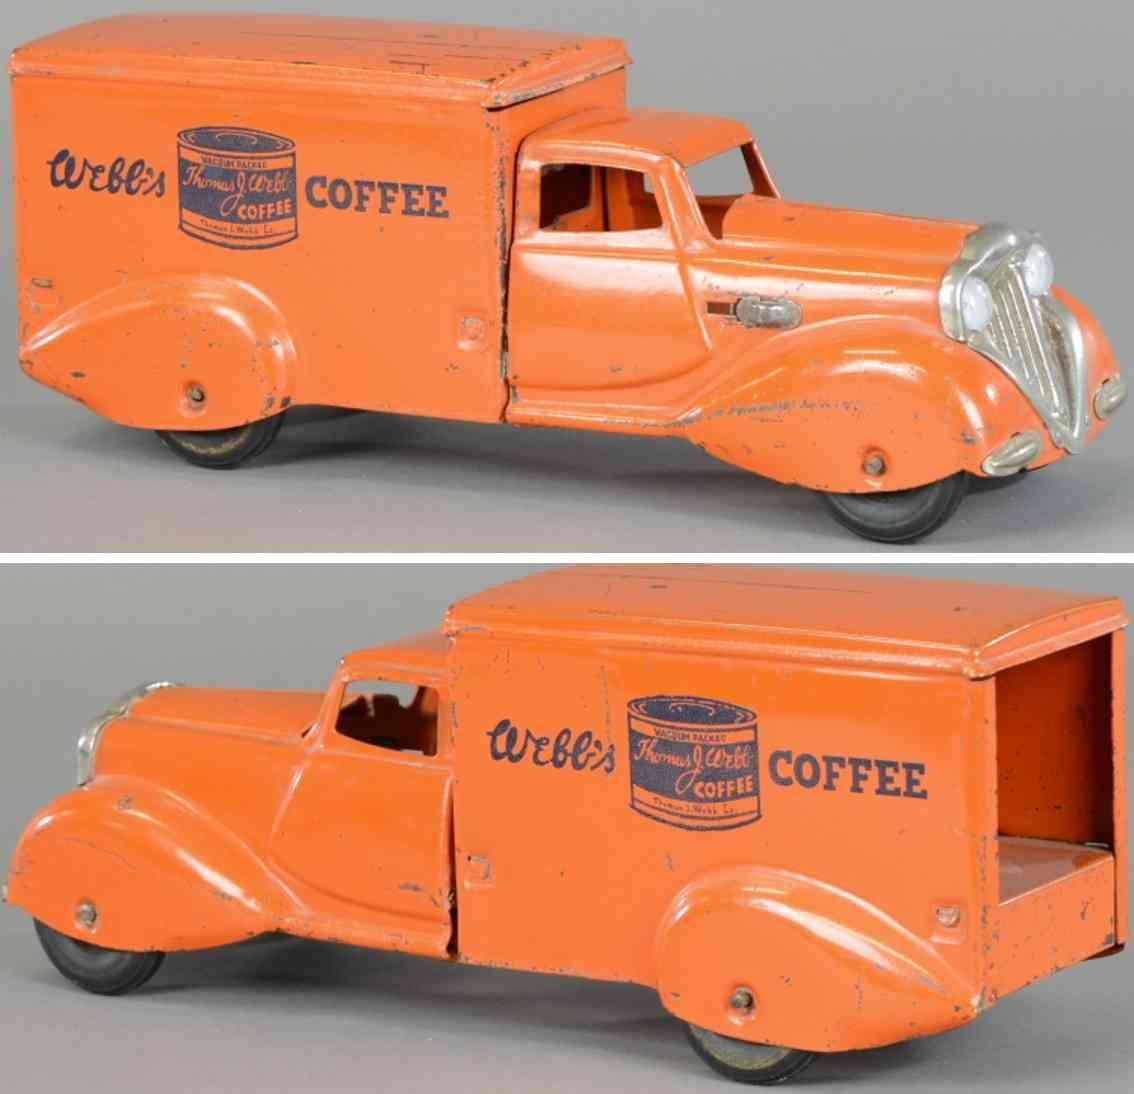 metalcraft corp st louis stahlblech spielzeug lieferwagen orange webbs coffee